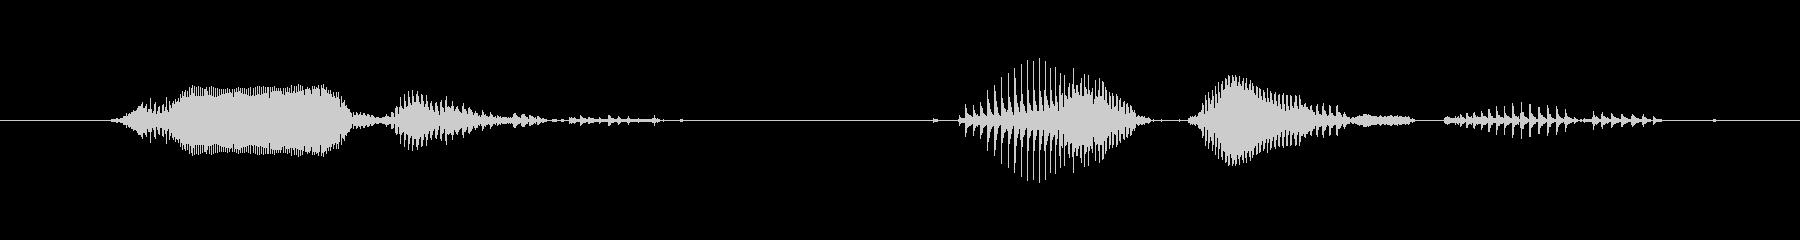 十秒だ、相手をしてやろうの未再生の波形